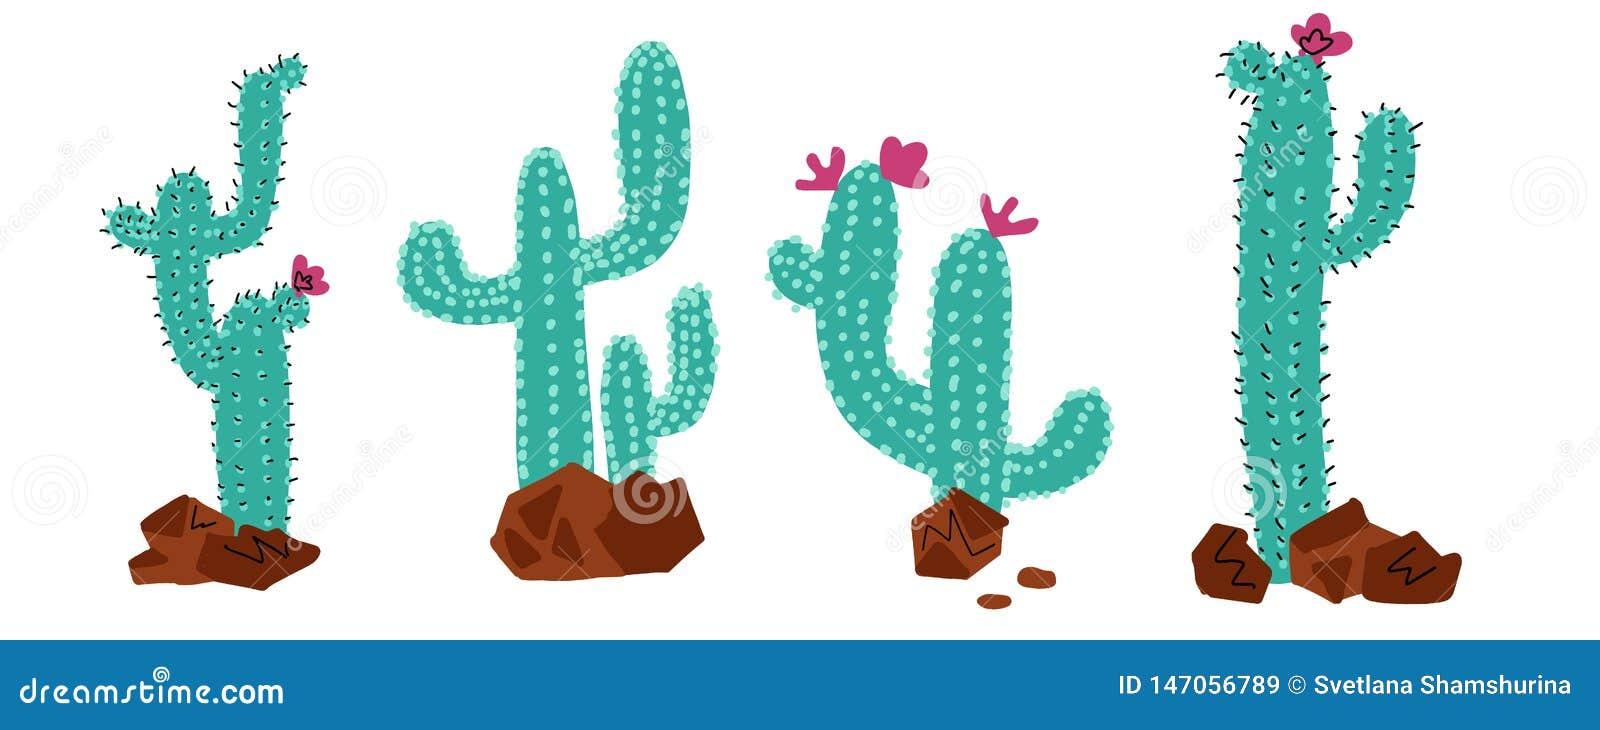 Набор собраний кактуса Кактусы завод, вектор пунктируют концепцию цвета doodle руки вычерченную Дикие кактусы пустыни с цветками